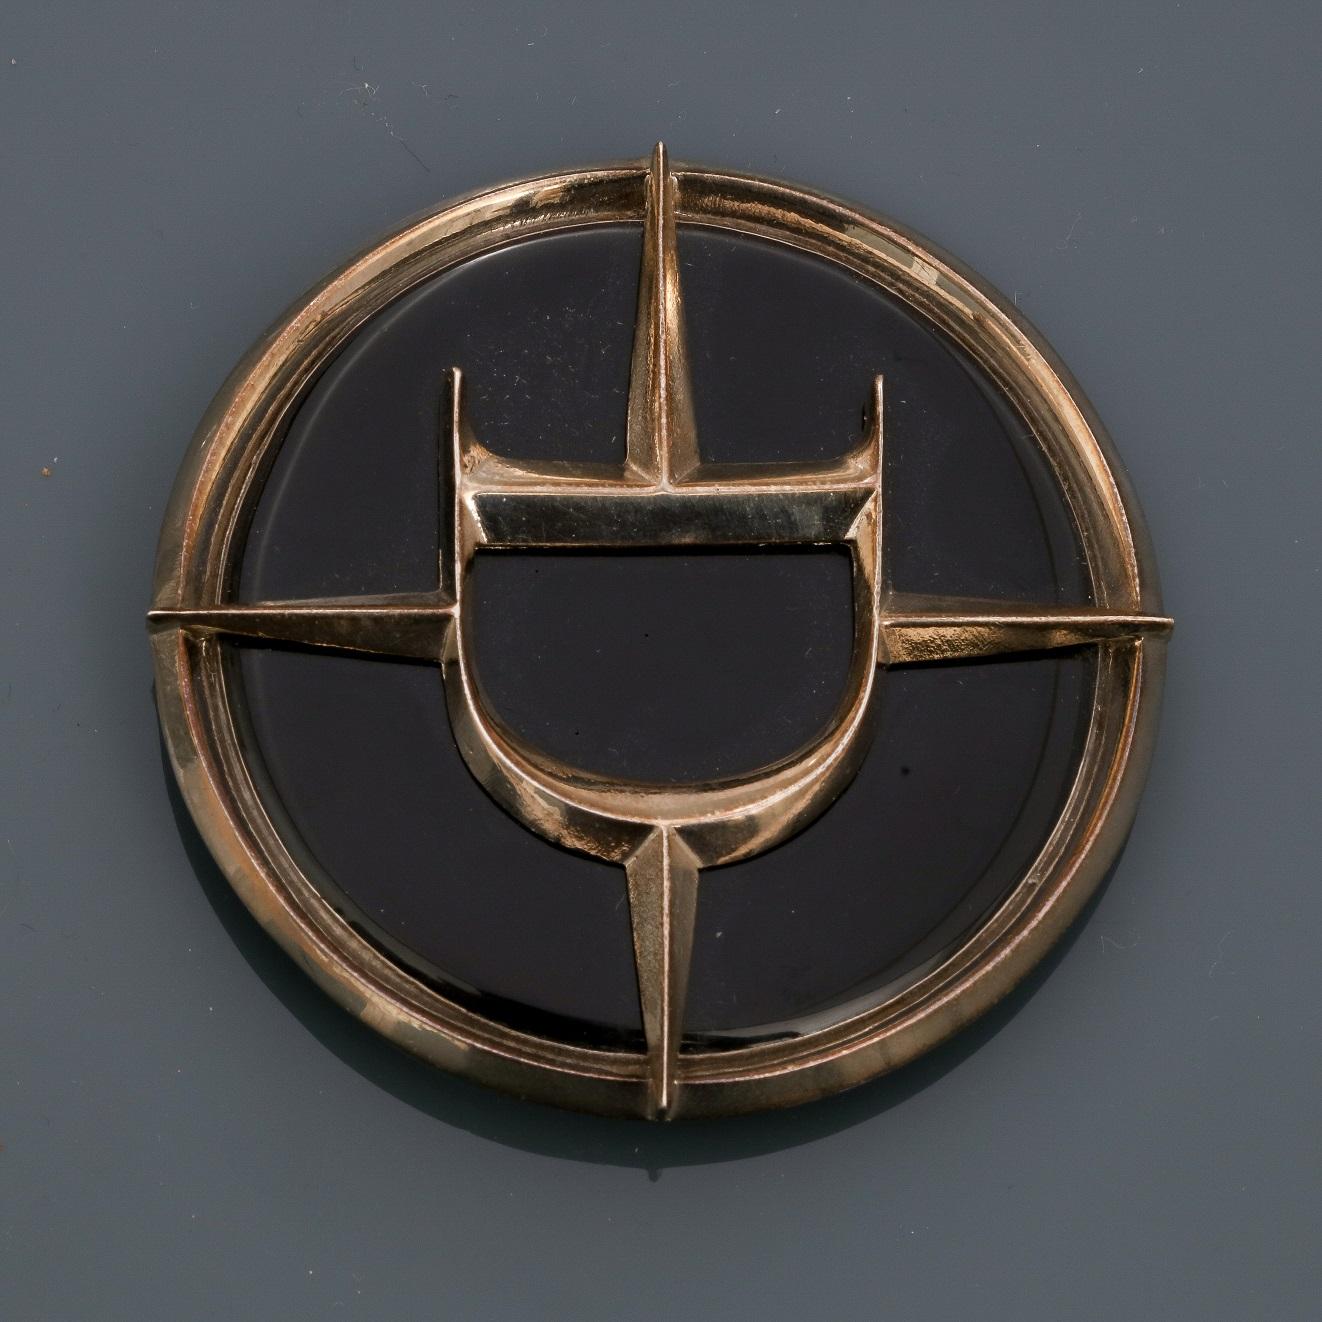 Lot 0P - DIOR, Broche - pendentif ronde en métal argenté rhodié, appliquée d'émail noir, [...]